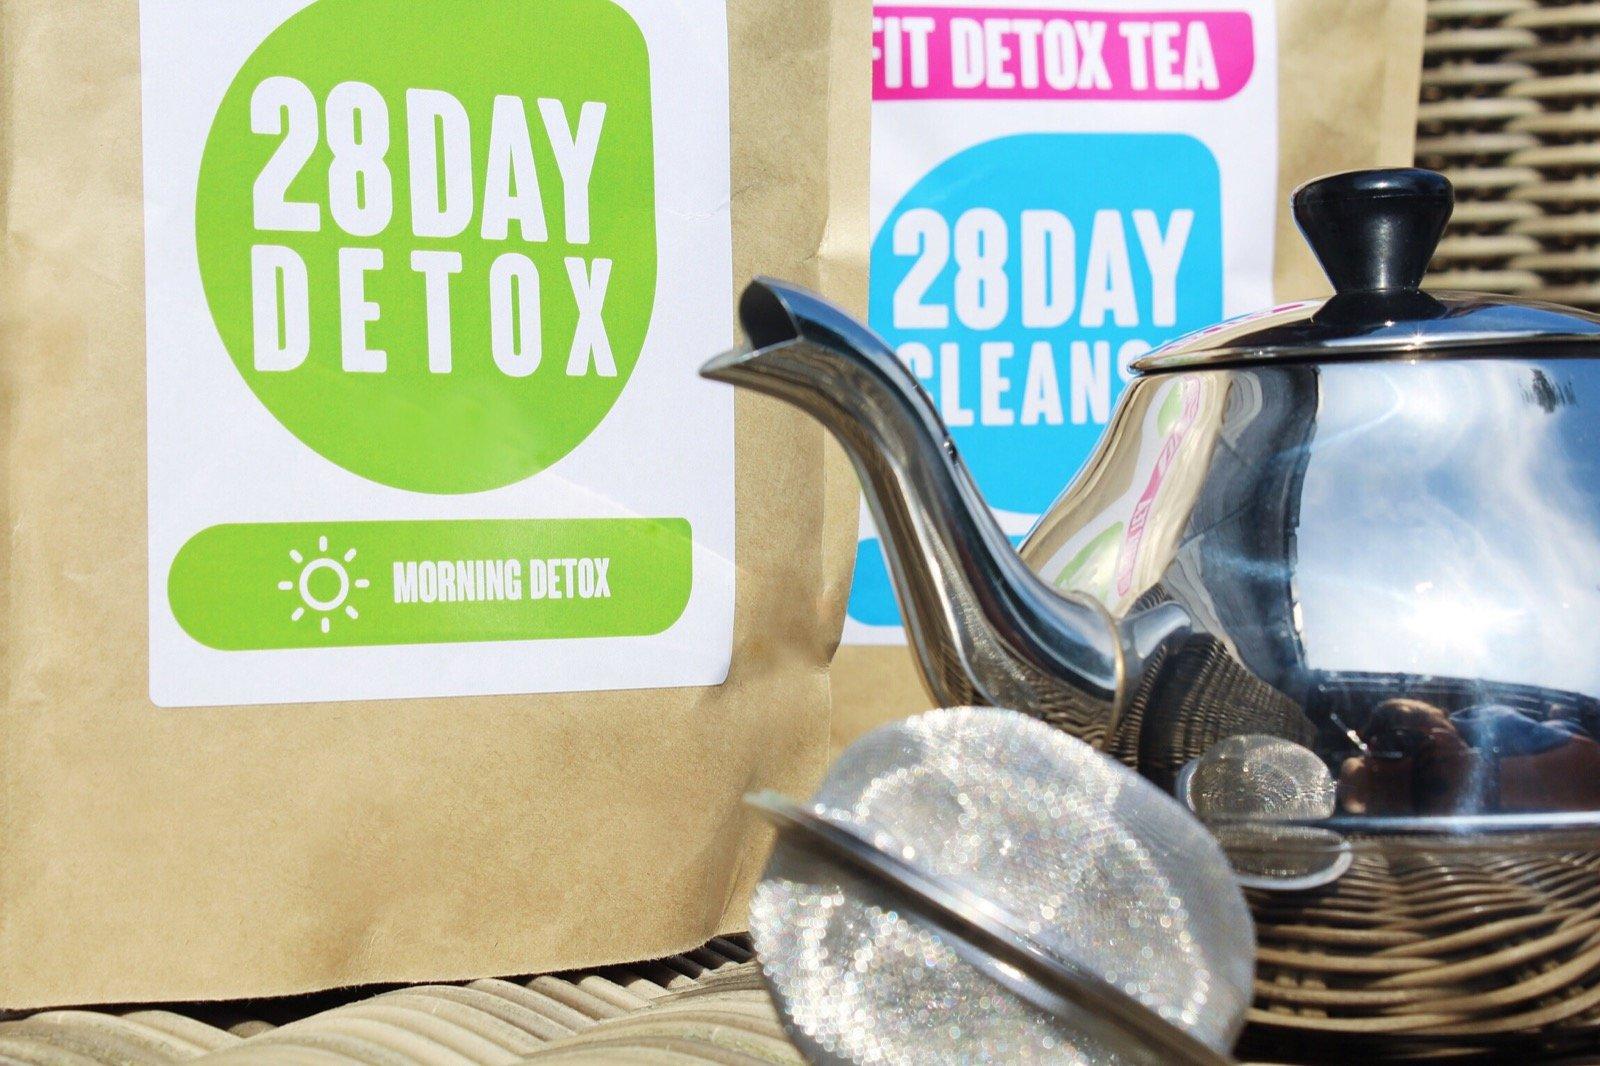 jennaminnie jenna minnie fashion blog fitdetoxtea fit detox tea teatox